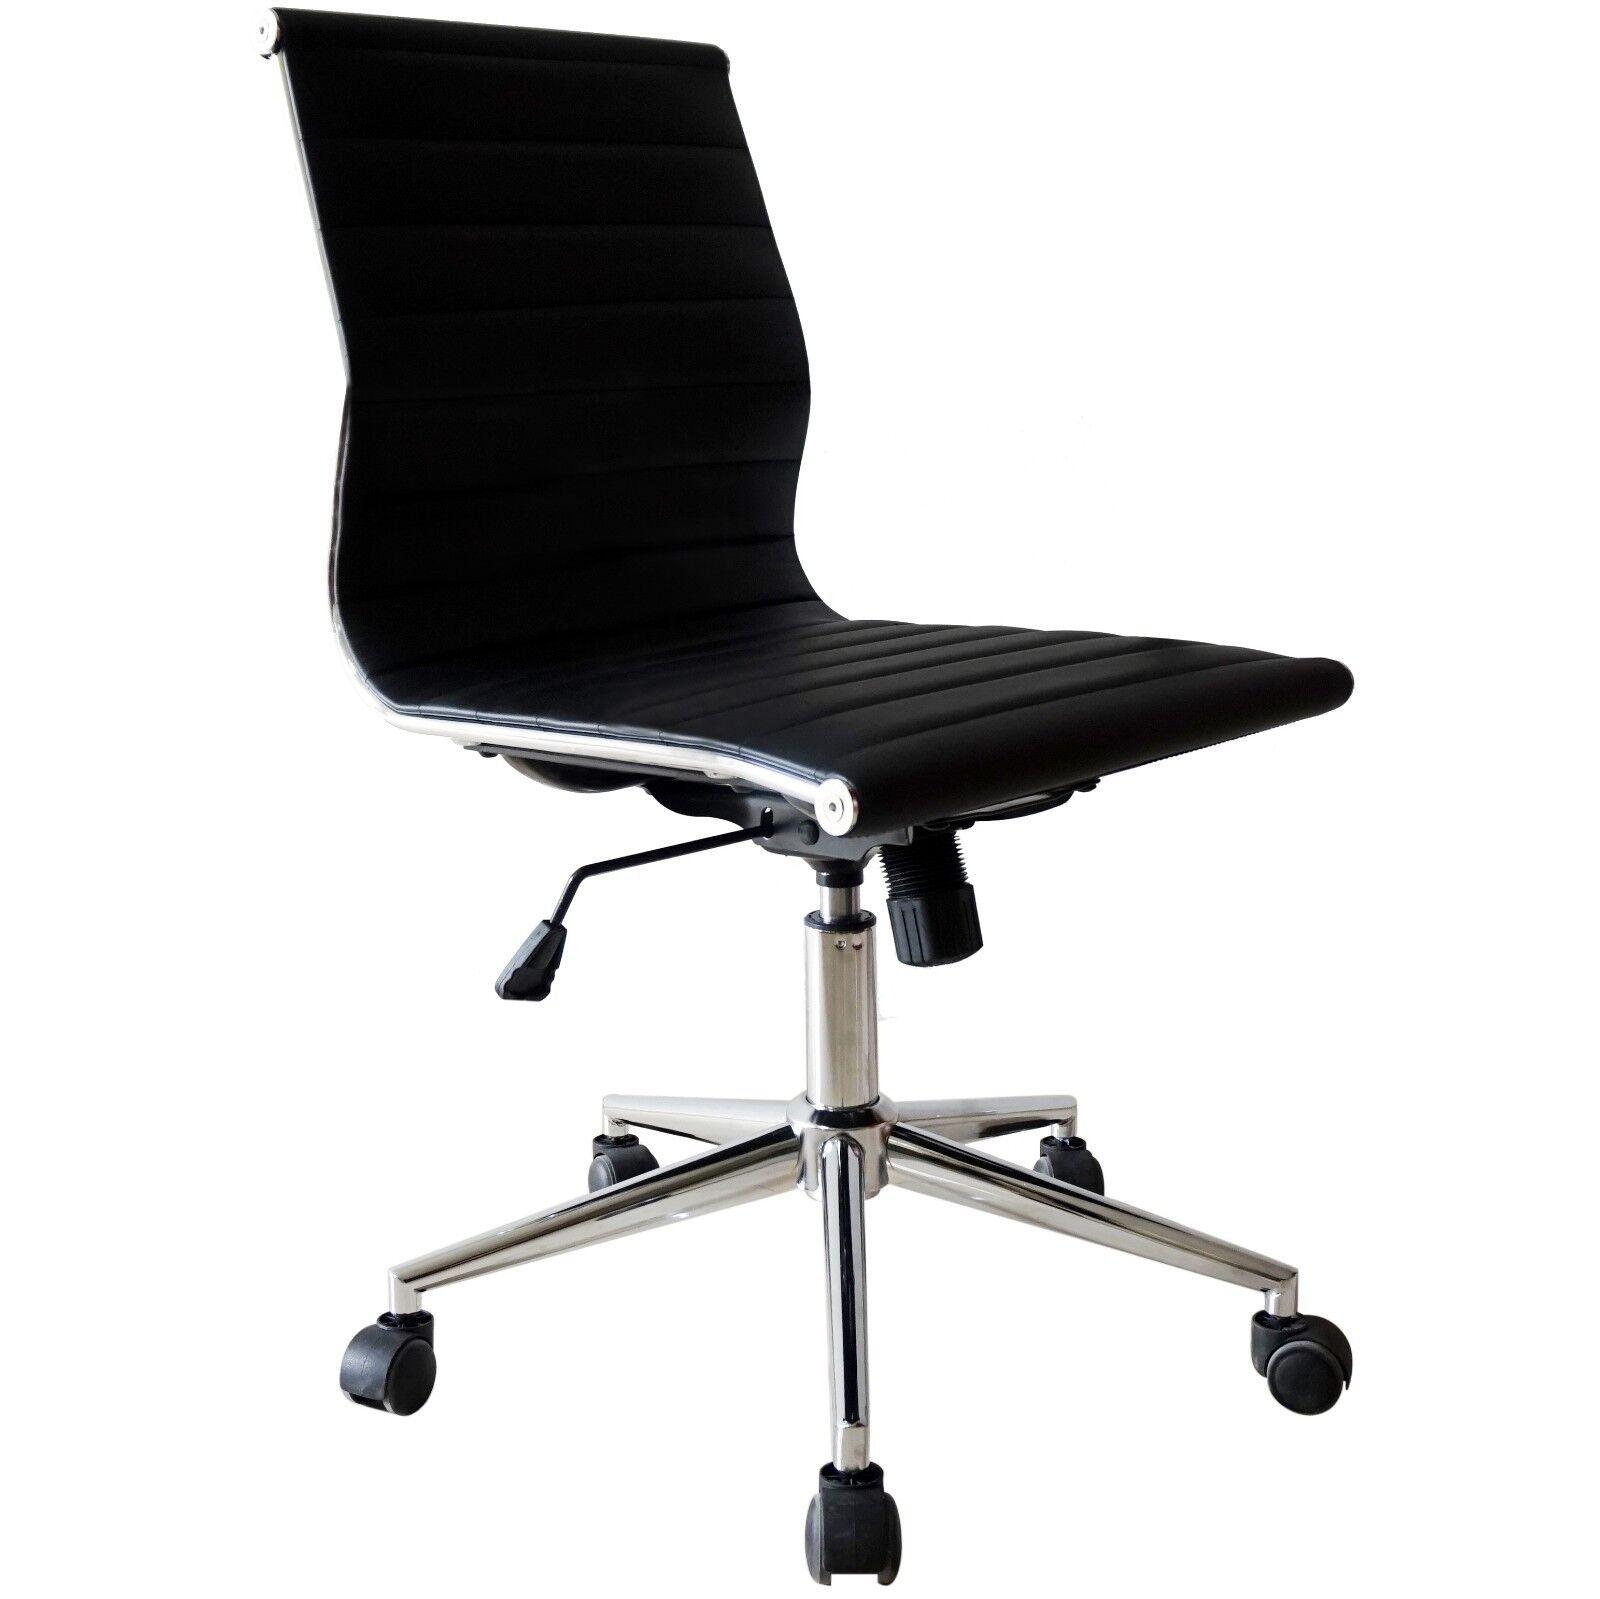 2 Piece Modern Executive Office Chair Mid back PU Leather Armless Tiltable